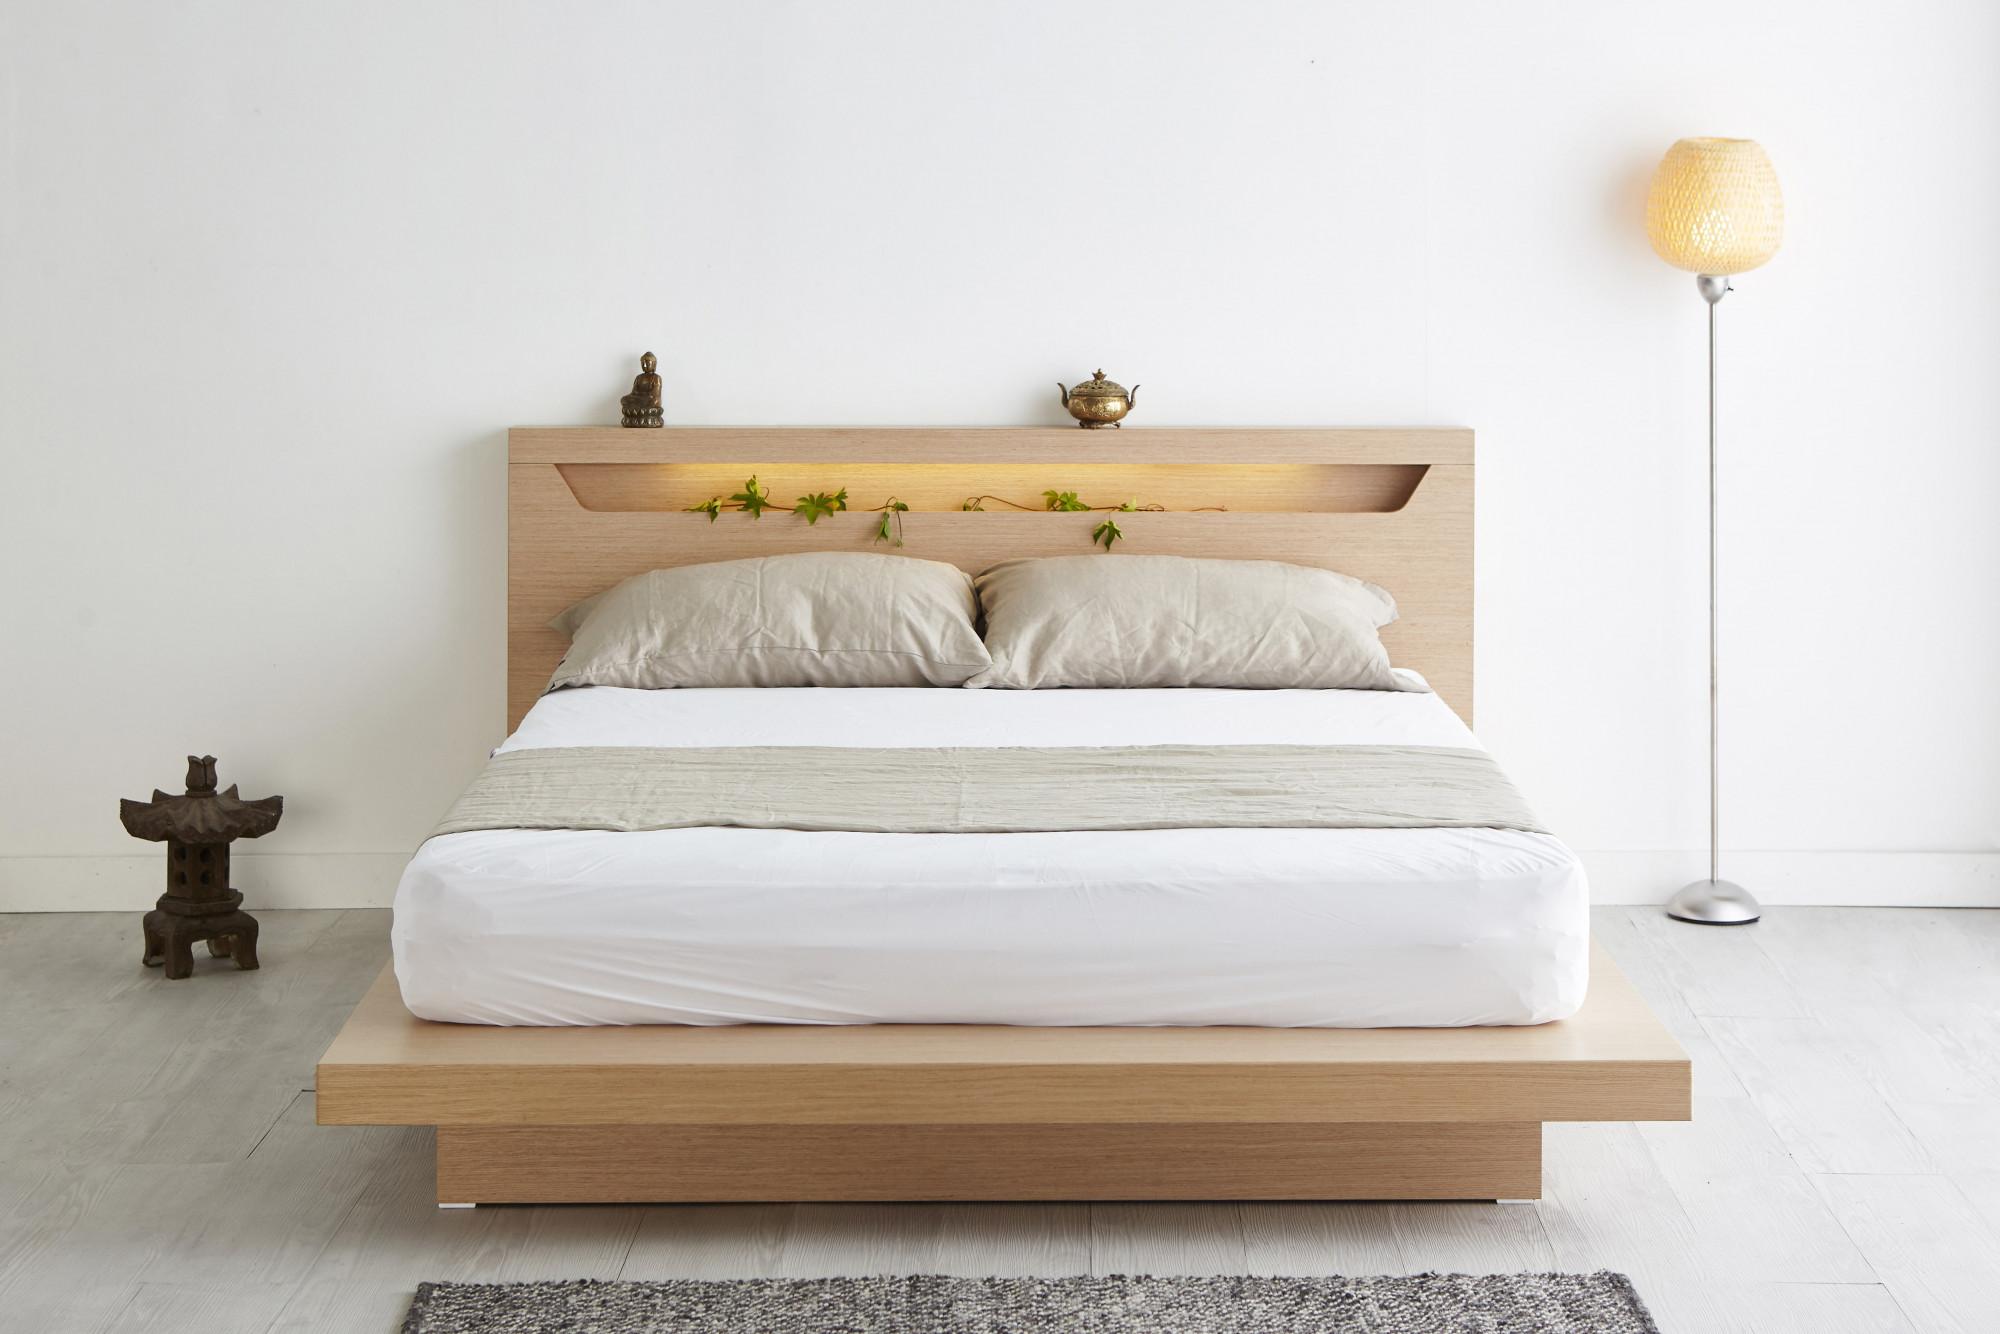 Jednoduchá drevená posteľ so záhlavím